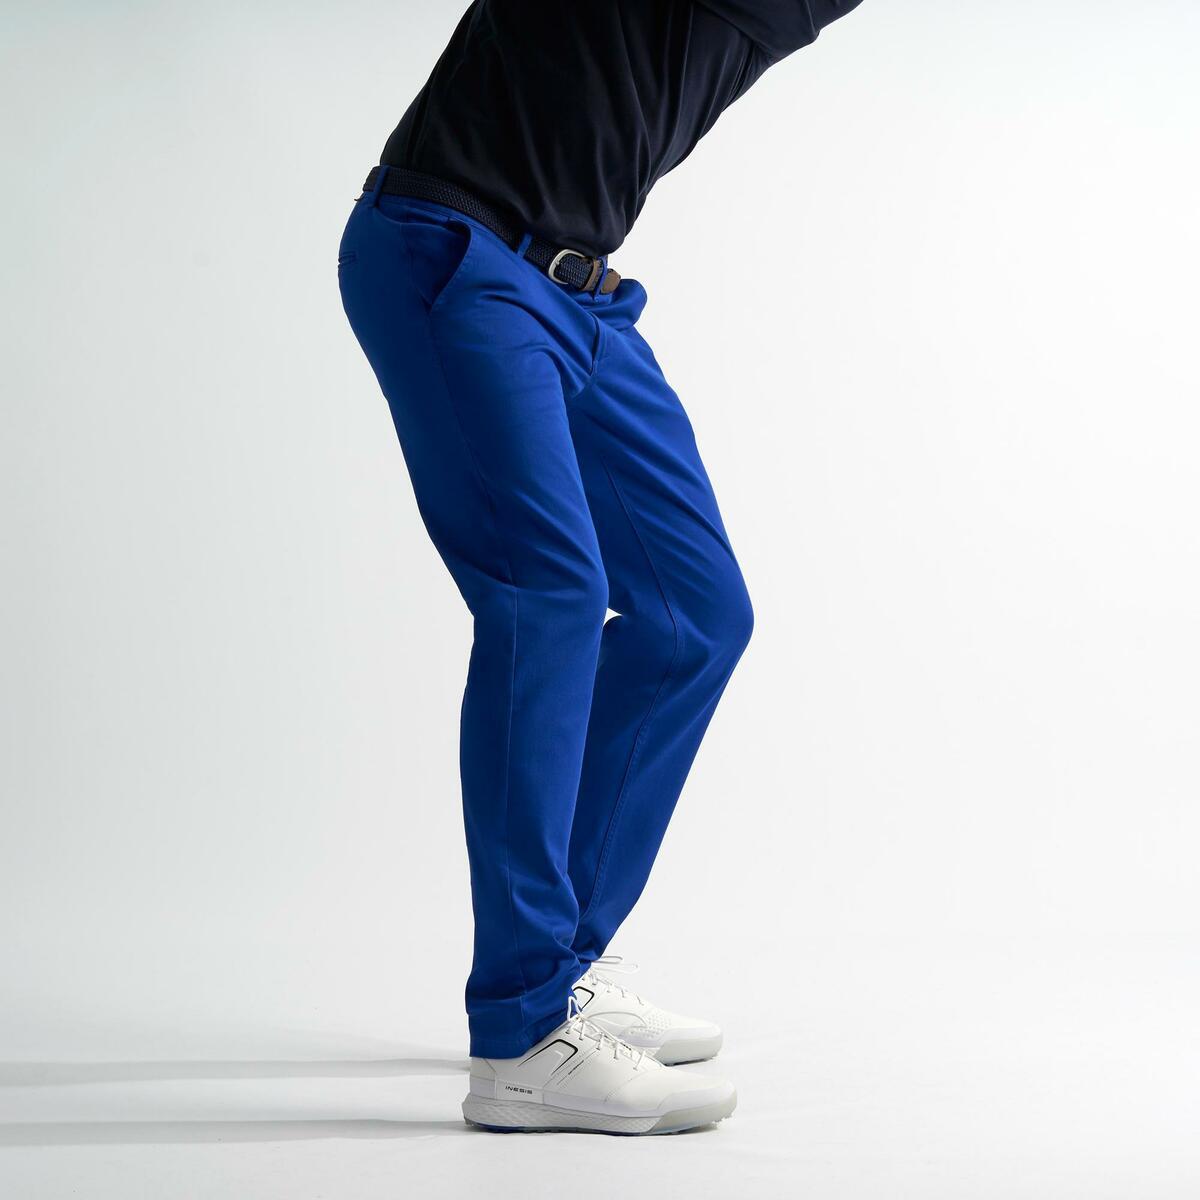 Bild 2 von Golfhose Herren blau